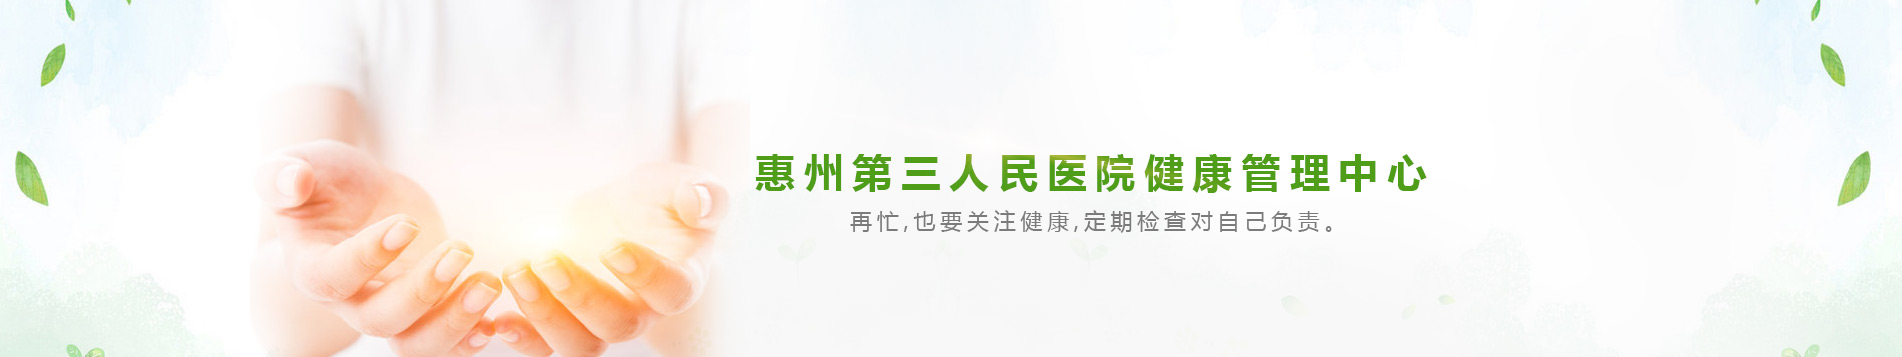 惠州第三人民医院健康管理中心